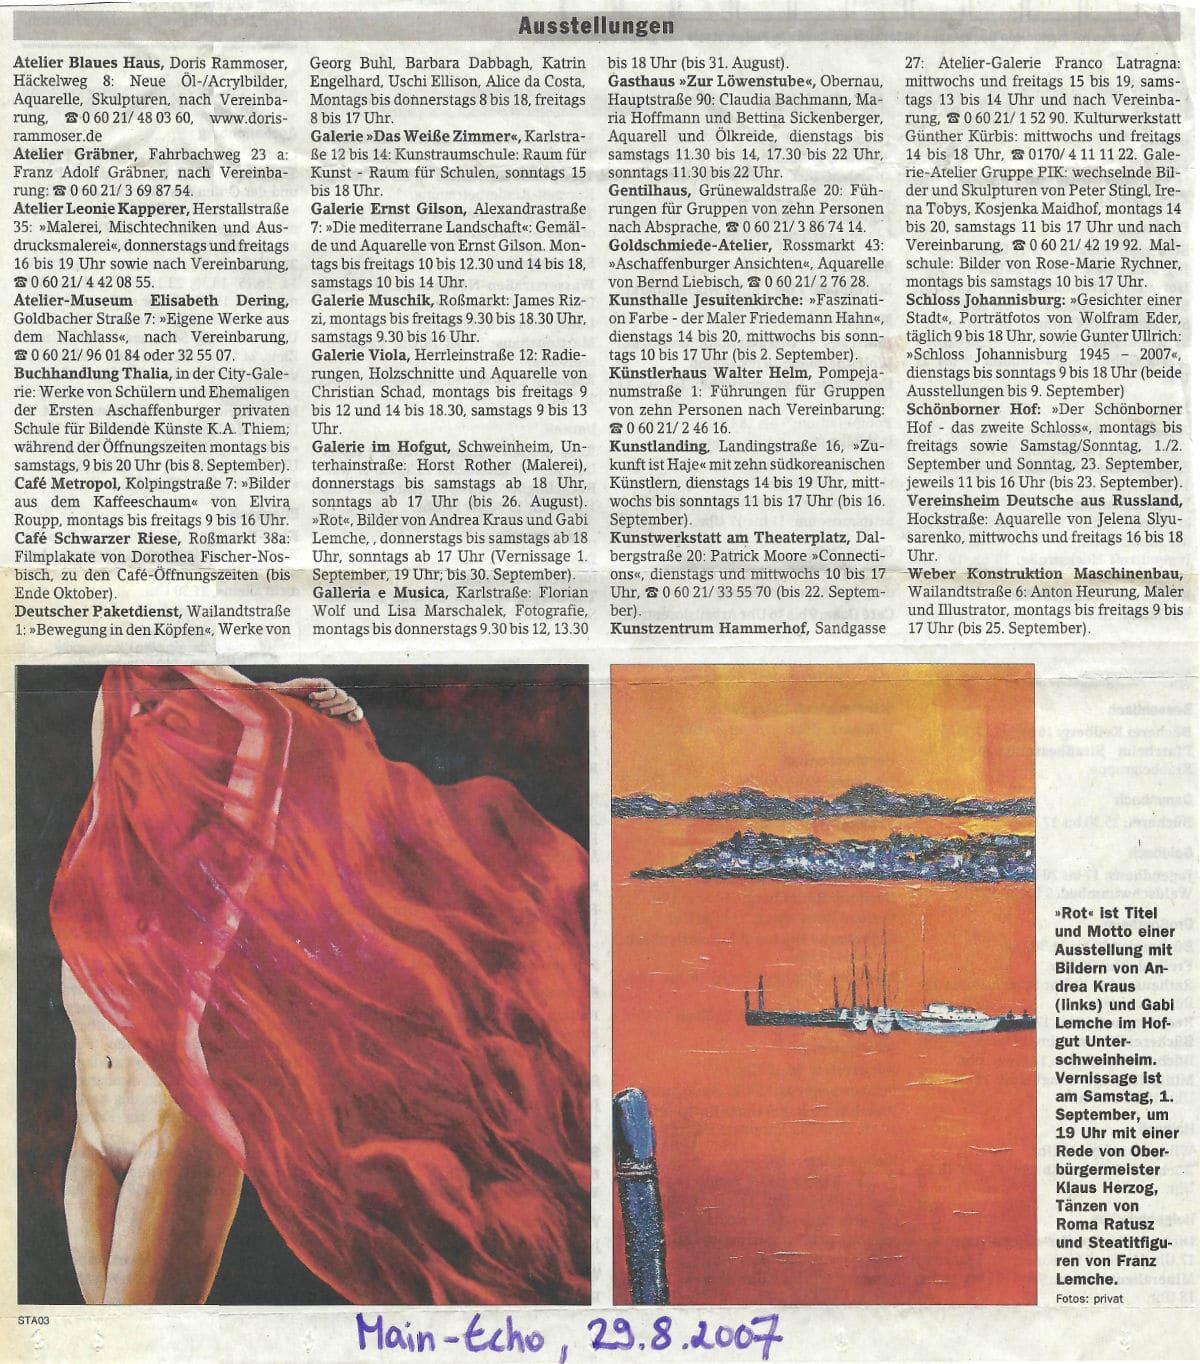 """Veranstaltungskalender Main Echo für Ausstellung """"ROT"""" (Andrea Kraus - 29.08.2007)"""